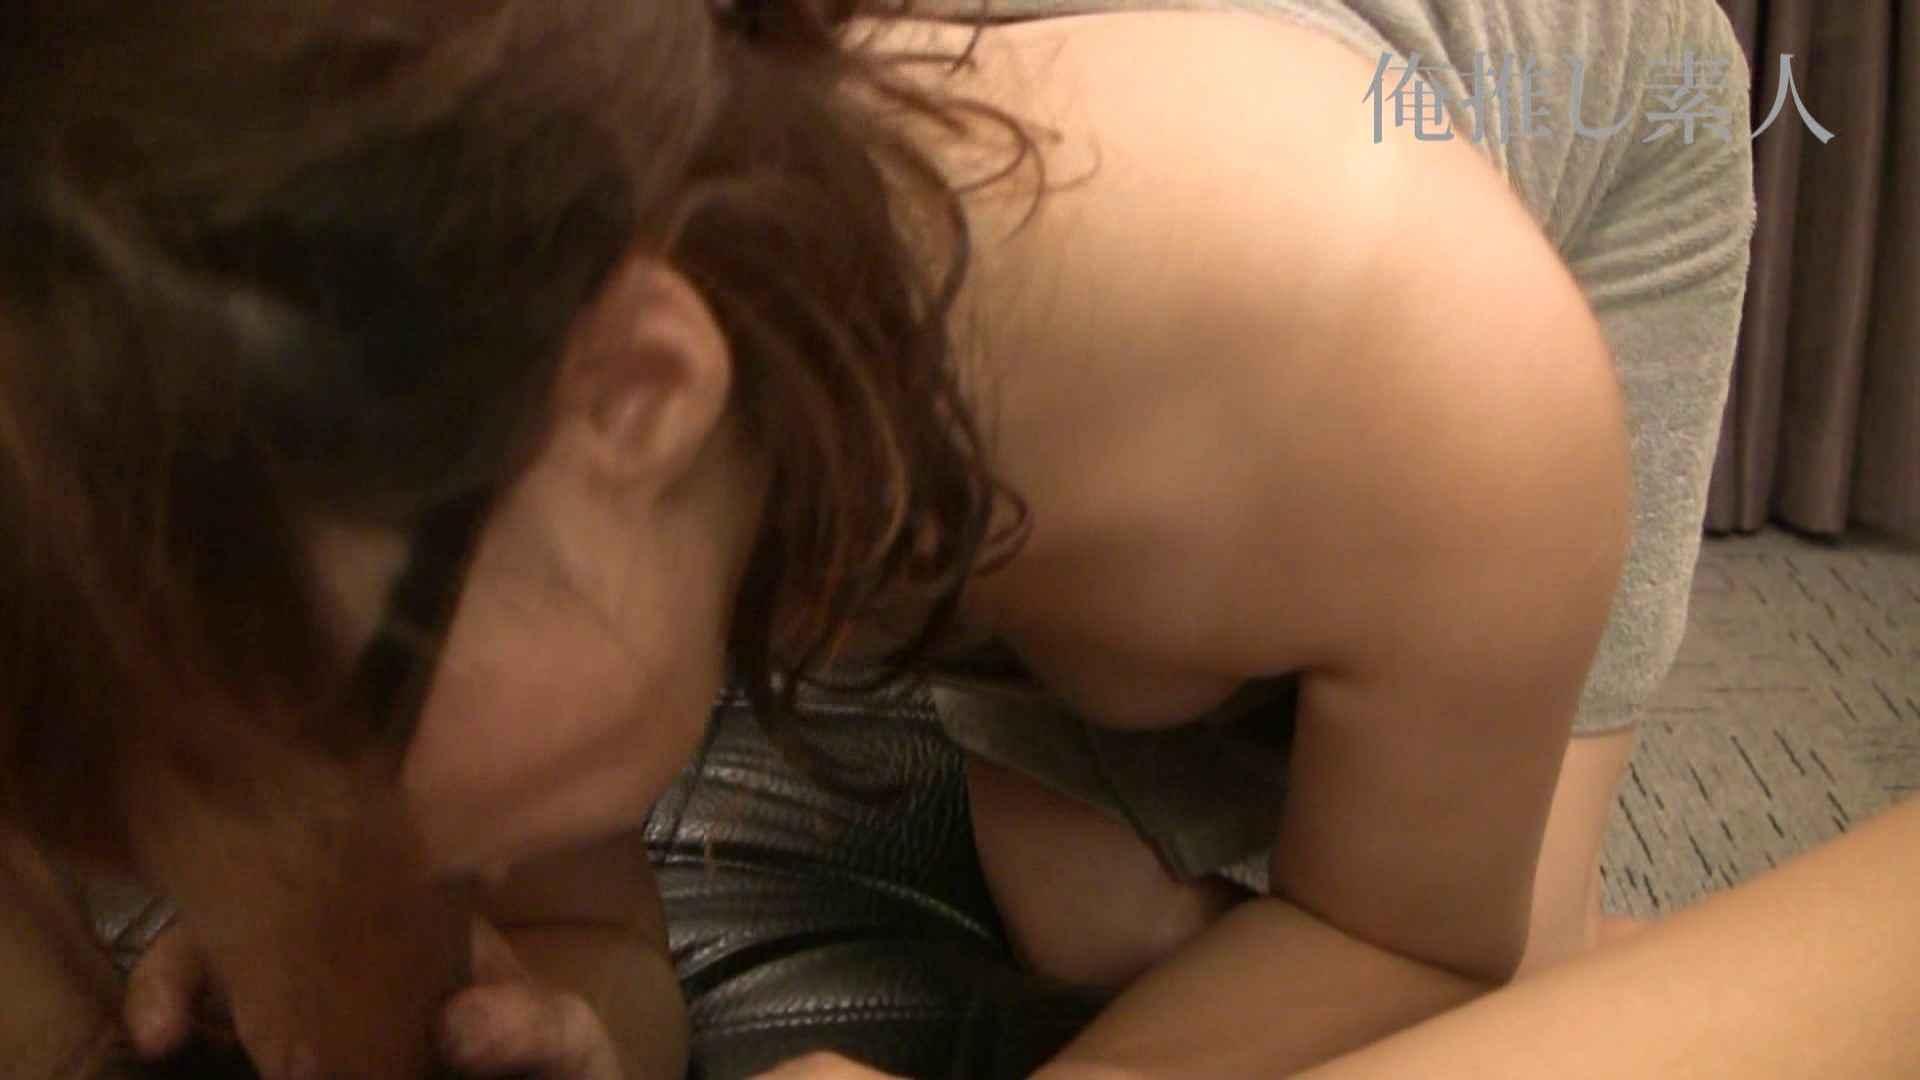 巨乳おまんこ:俺推し素人 キャバクラ嬢26歳久美vol4:大奥